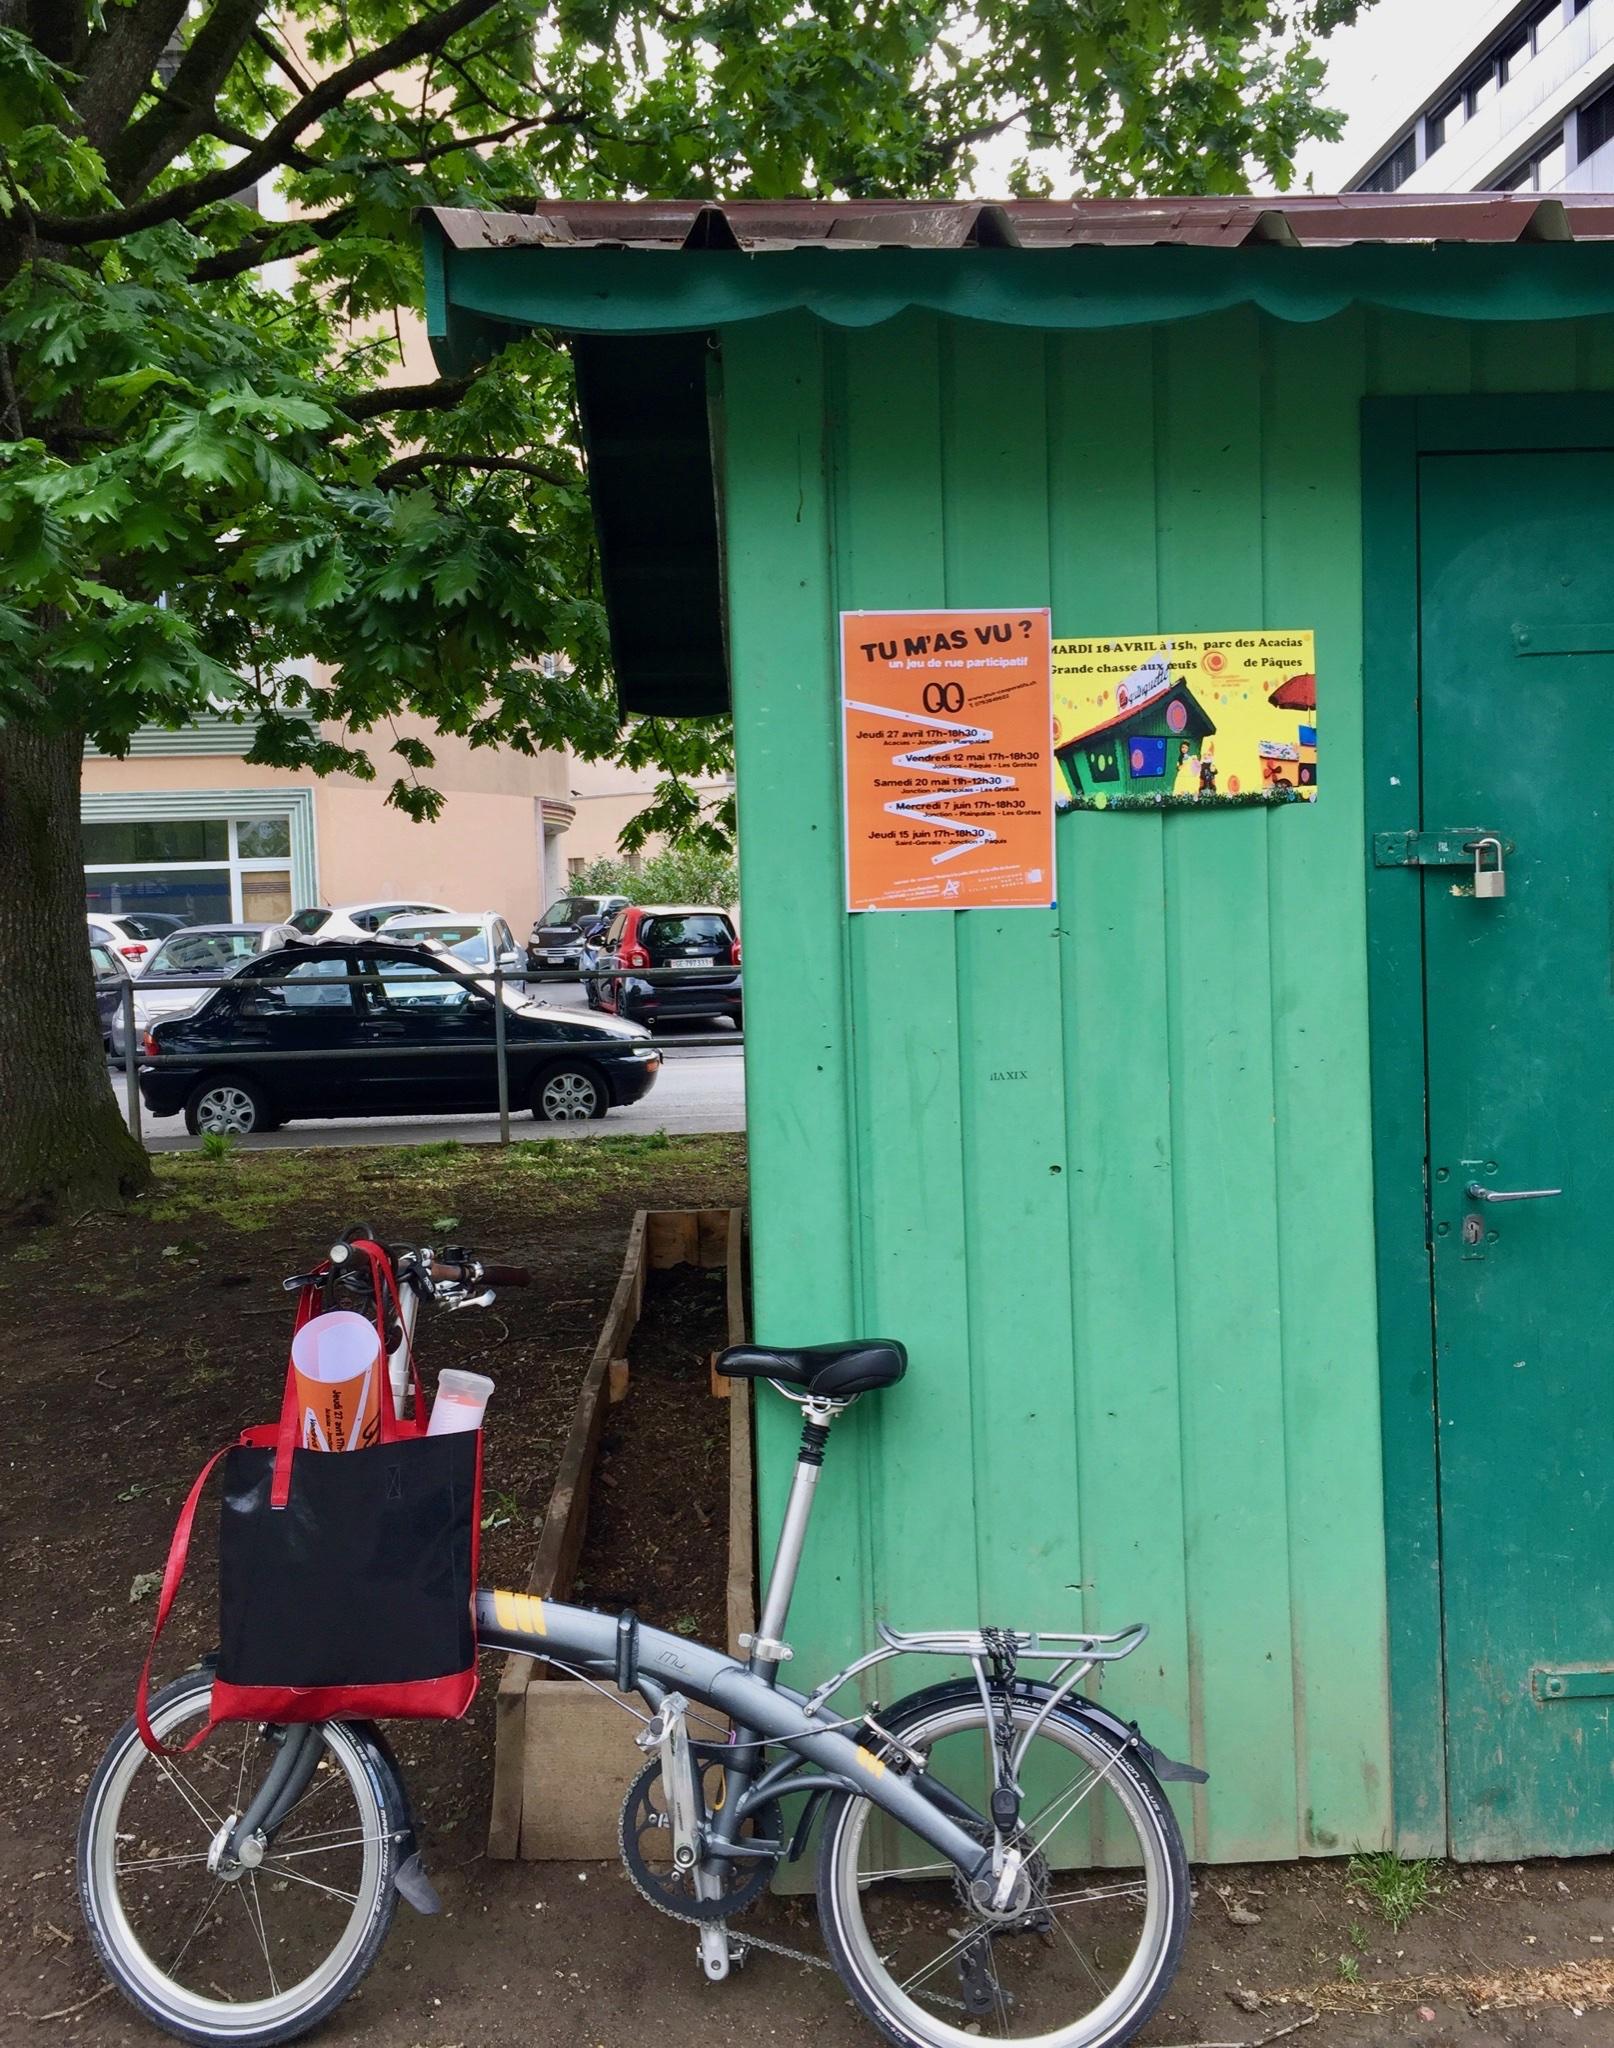 Repérage défi coopératif  «Tu m'as vu?» à vélo